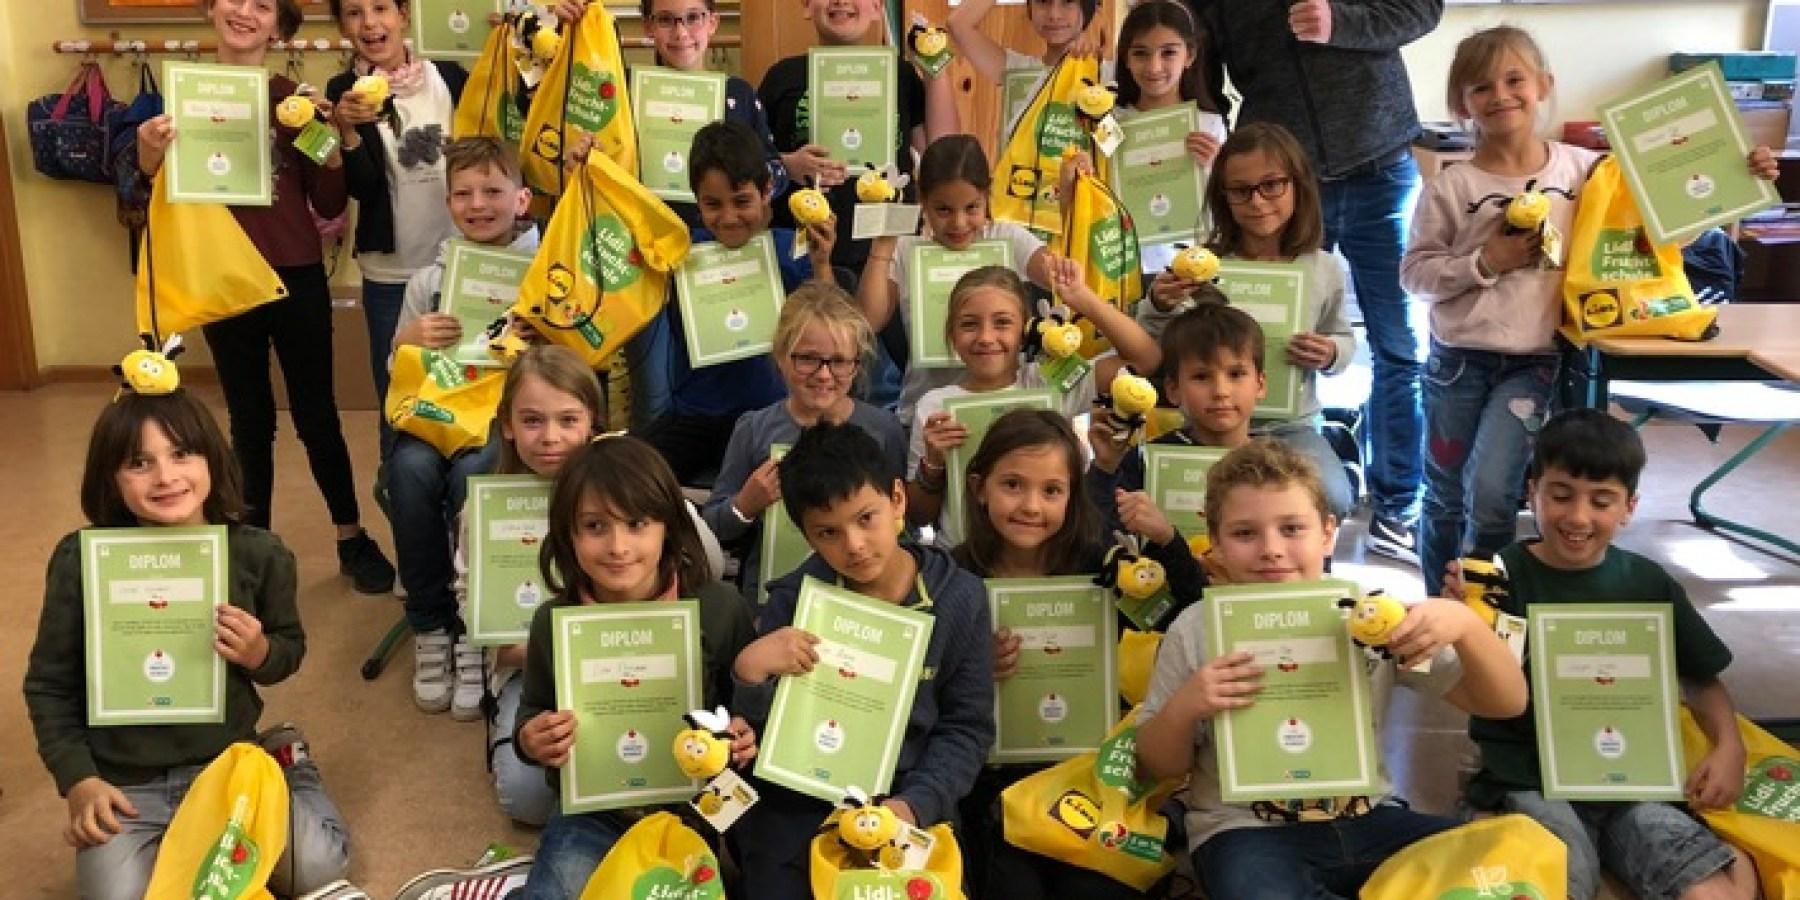 Pilotprojekt Ernährungswerkstatt – Fruchtschule ins neue Schuljahr gestartet